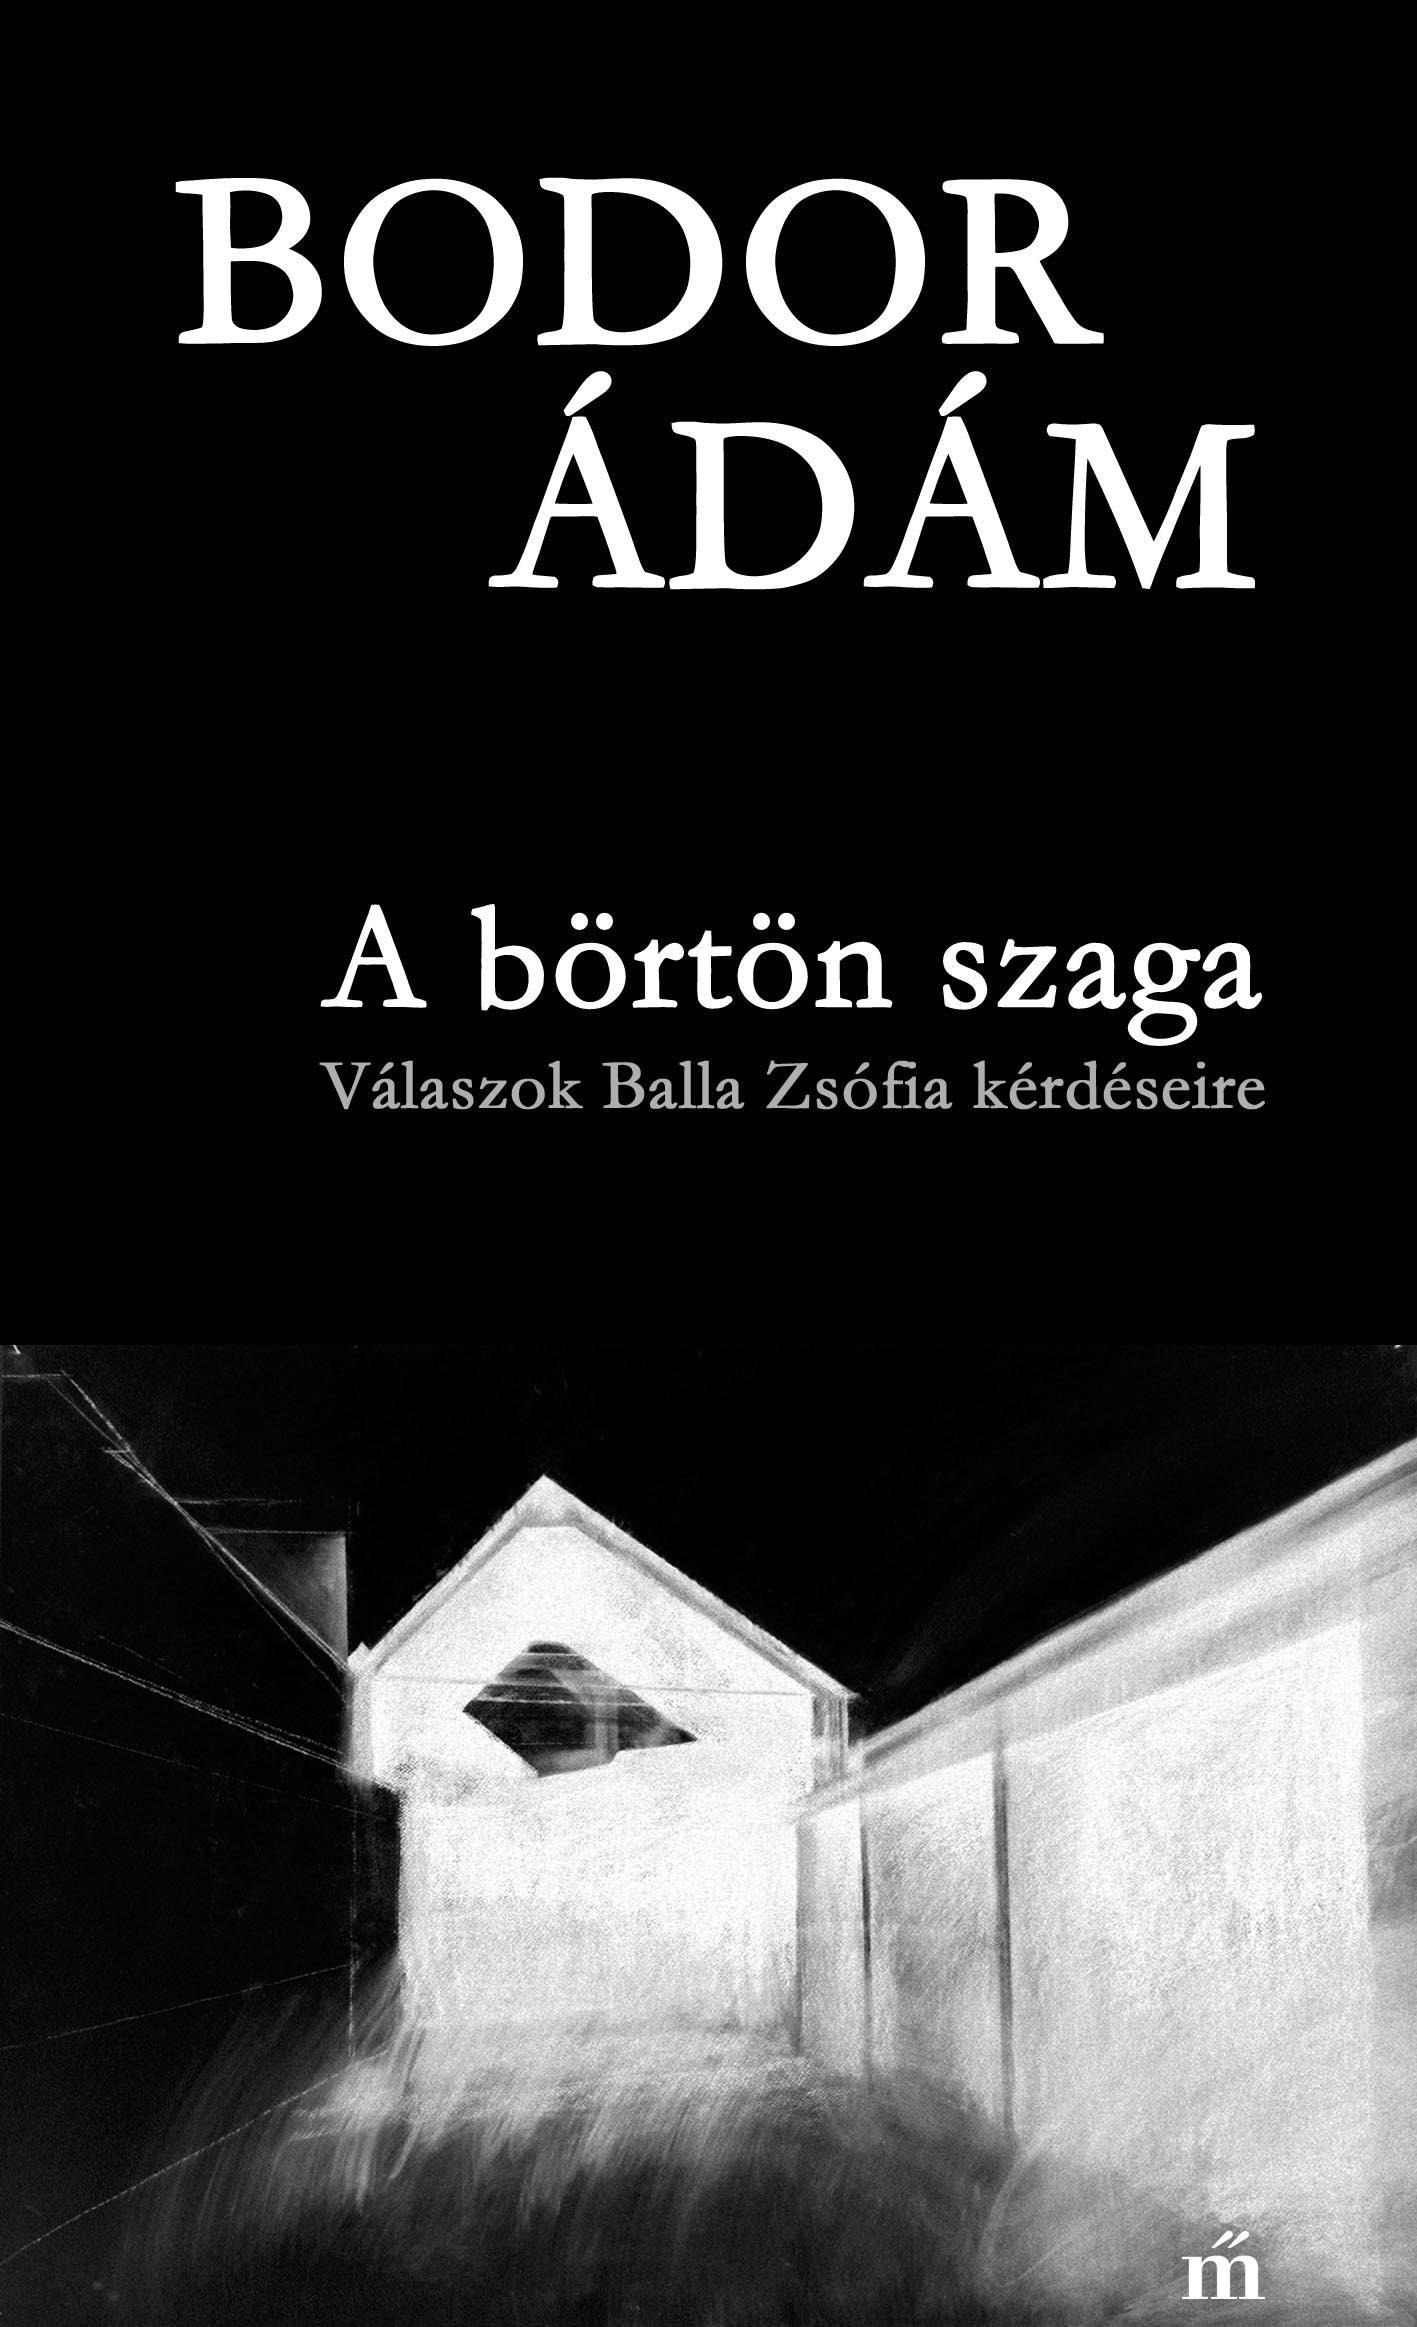 Bodor Ádám - A börtön szaga - Válaszok Balla Zsófia kérdéseire